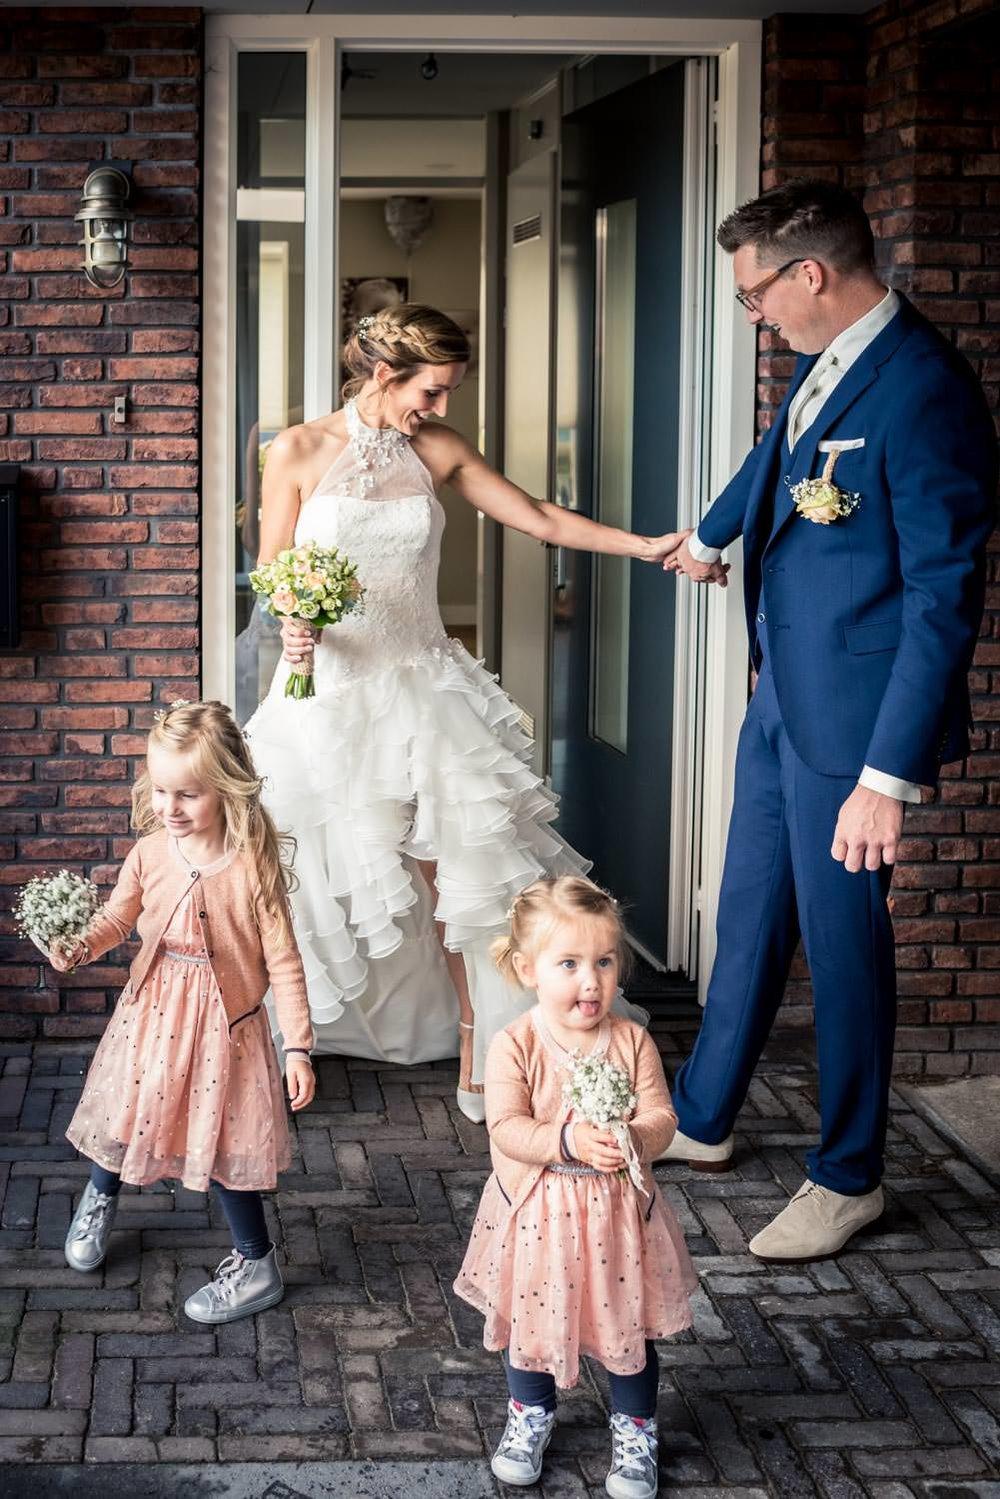 Huwelijksfotograaf legt vast de ontmoeting van het bruidspaar de